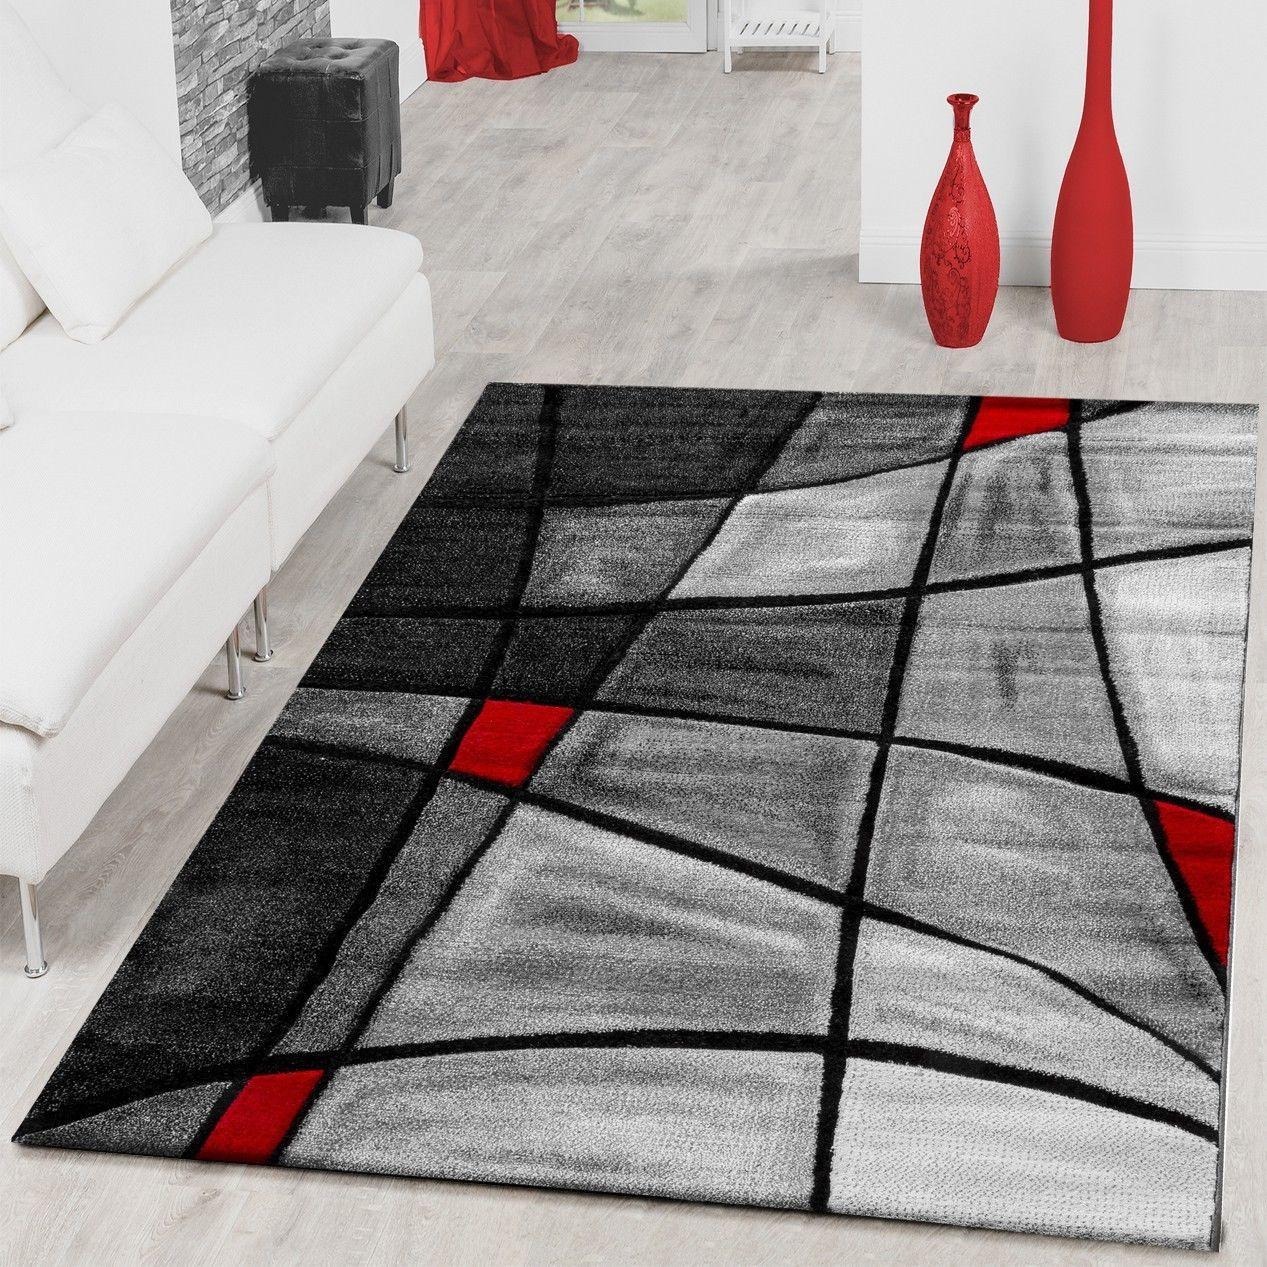 Teppiche Wohnzimmer Teppich Porto Mit Konturenschnitt In Grau Rot Schwarz Wohnraum Teppiche Grau Konturensc Wohnzimmer Teppich Teppich Wohnzimmer Teppich